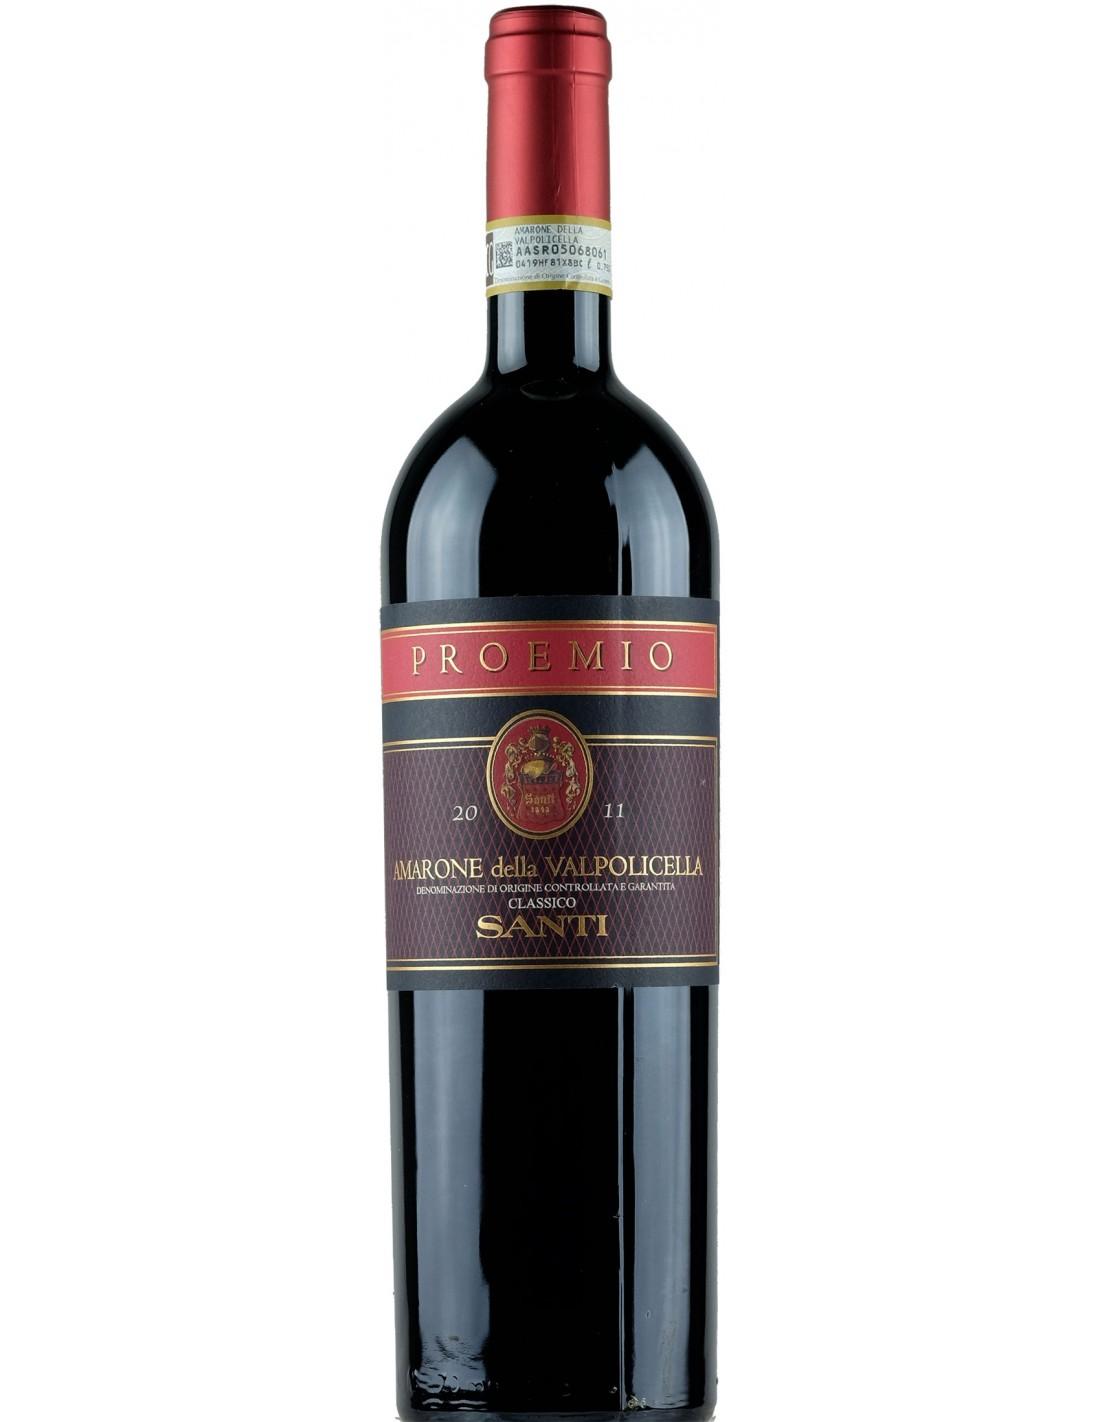 Vin rosu, Cupaj, Santi Proemio Amarone della Valpolicella, 0.75L, 14% alc., Italia